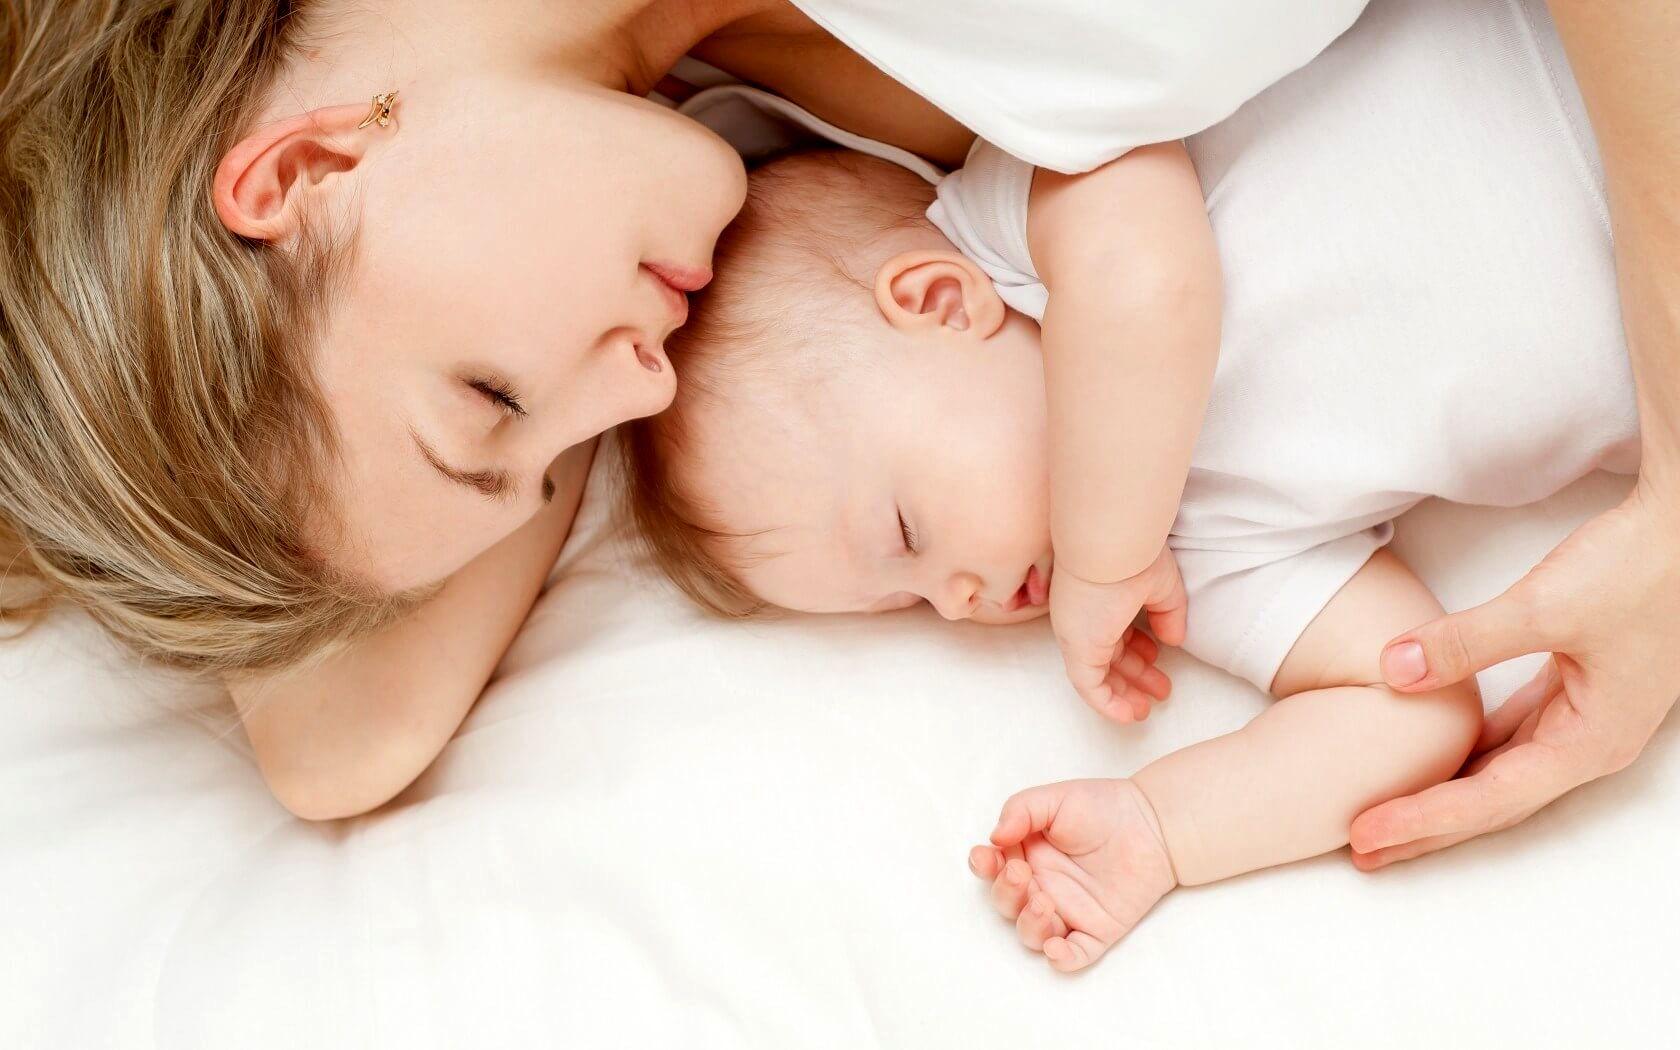 چرا کودکان نباید در اتاق والدین بخوابند؟